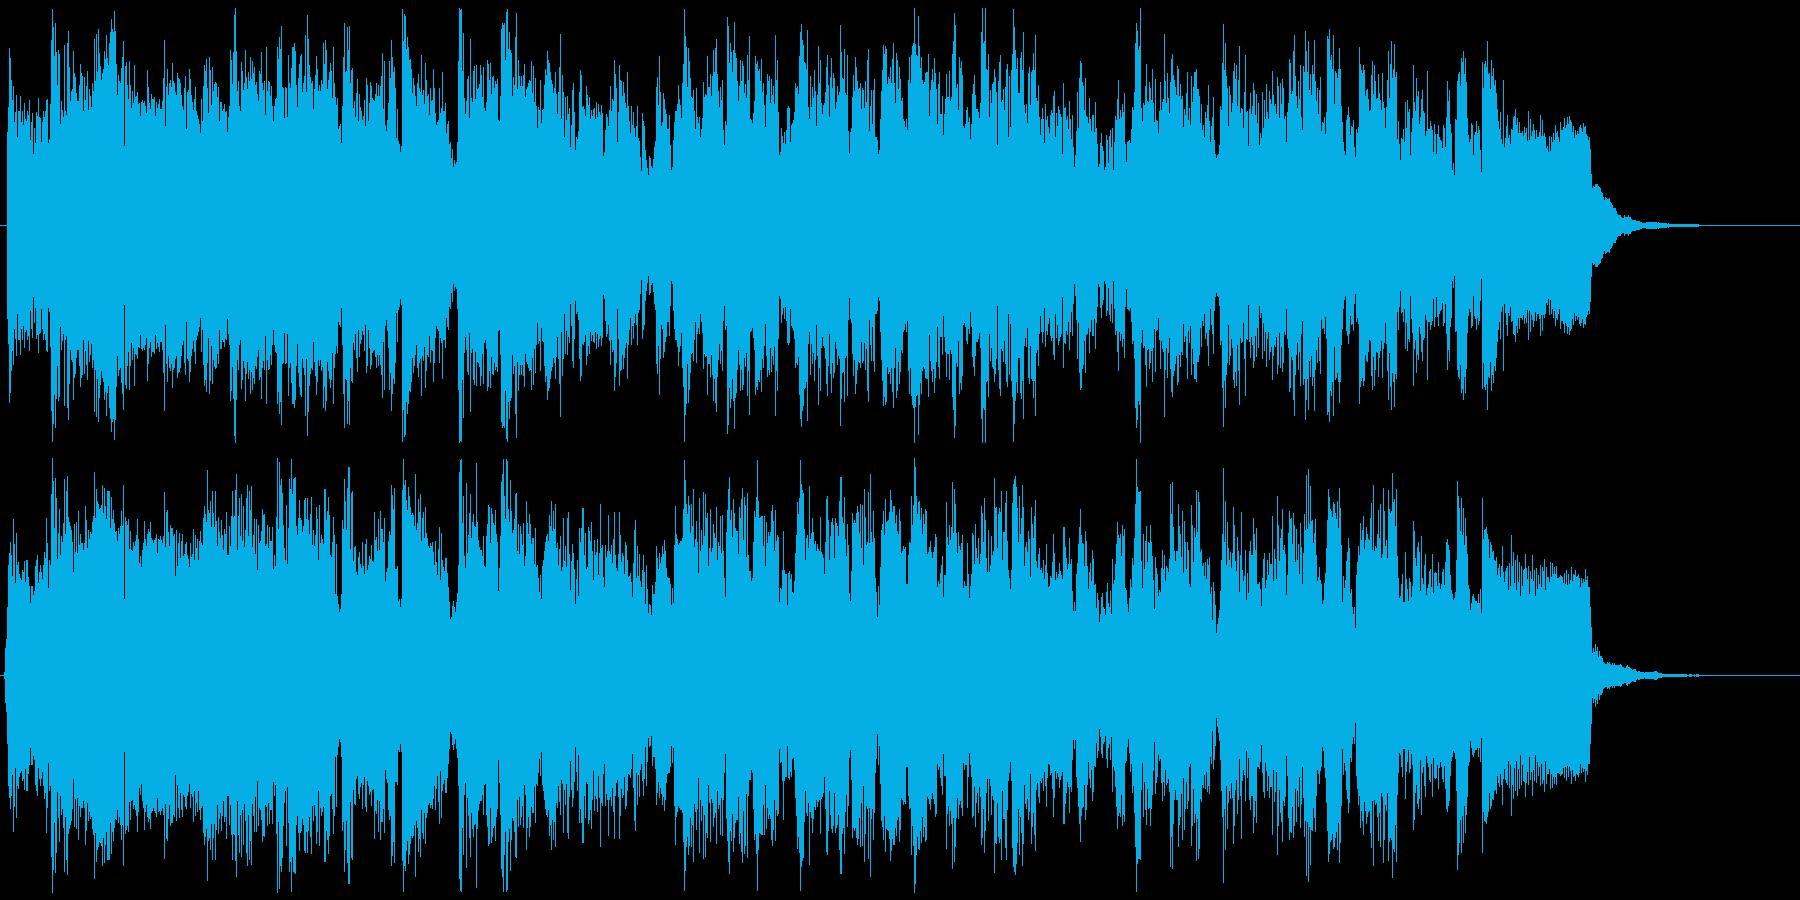 シティポップ系サックスジングル CM等にの再生済みの波形